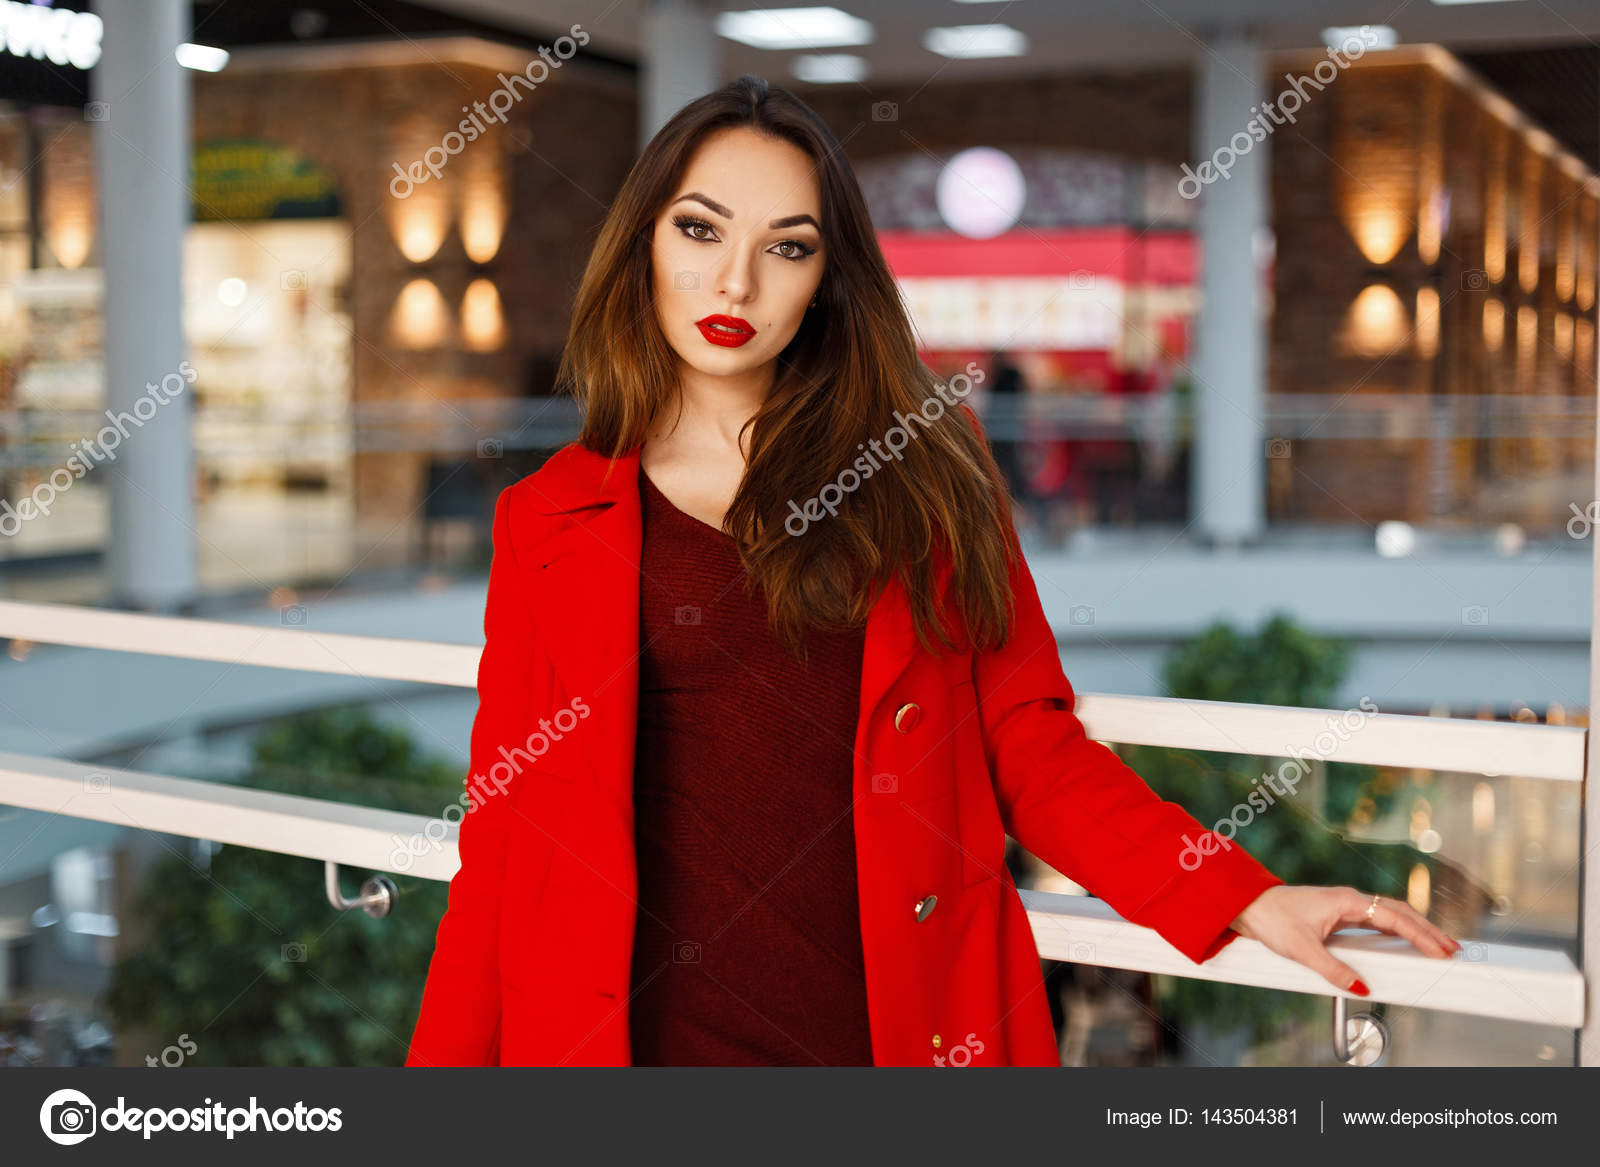 3903a09d059fb2 Junge schöne Frau in einem roten Mantel im Shop einkaufen gehen — Stockfoto